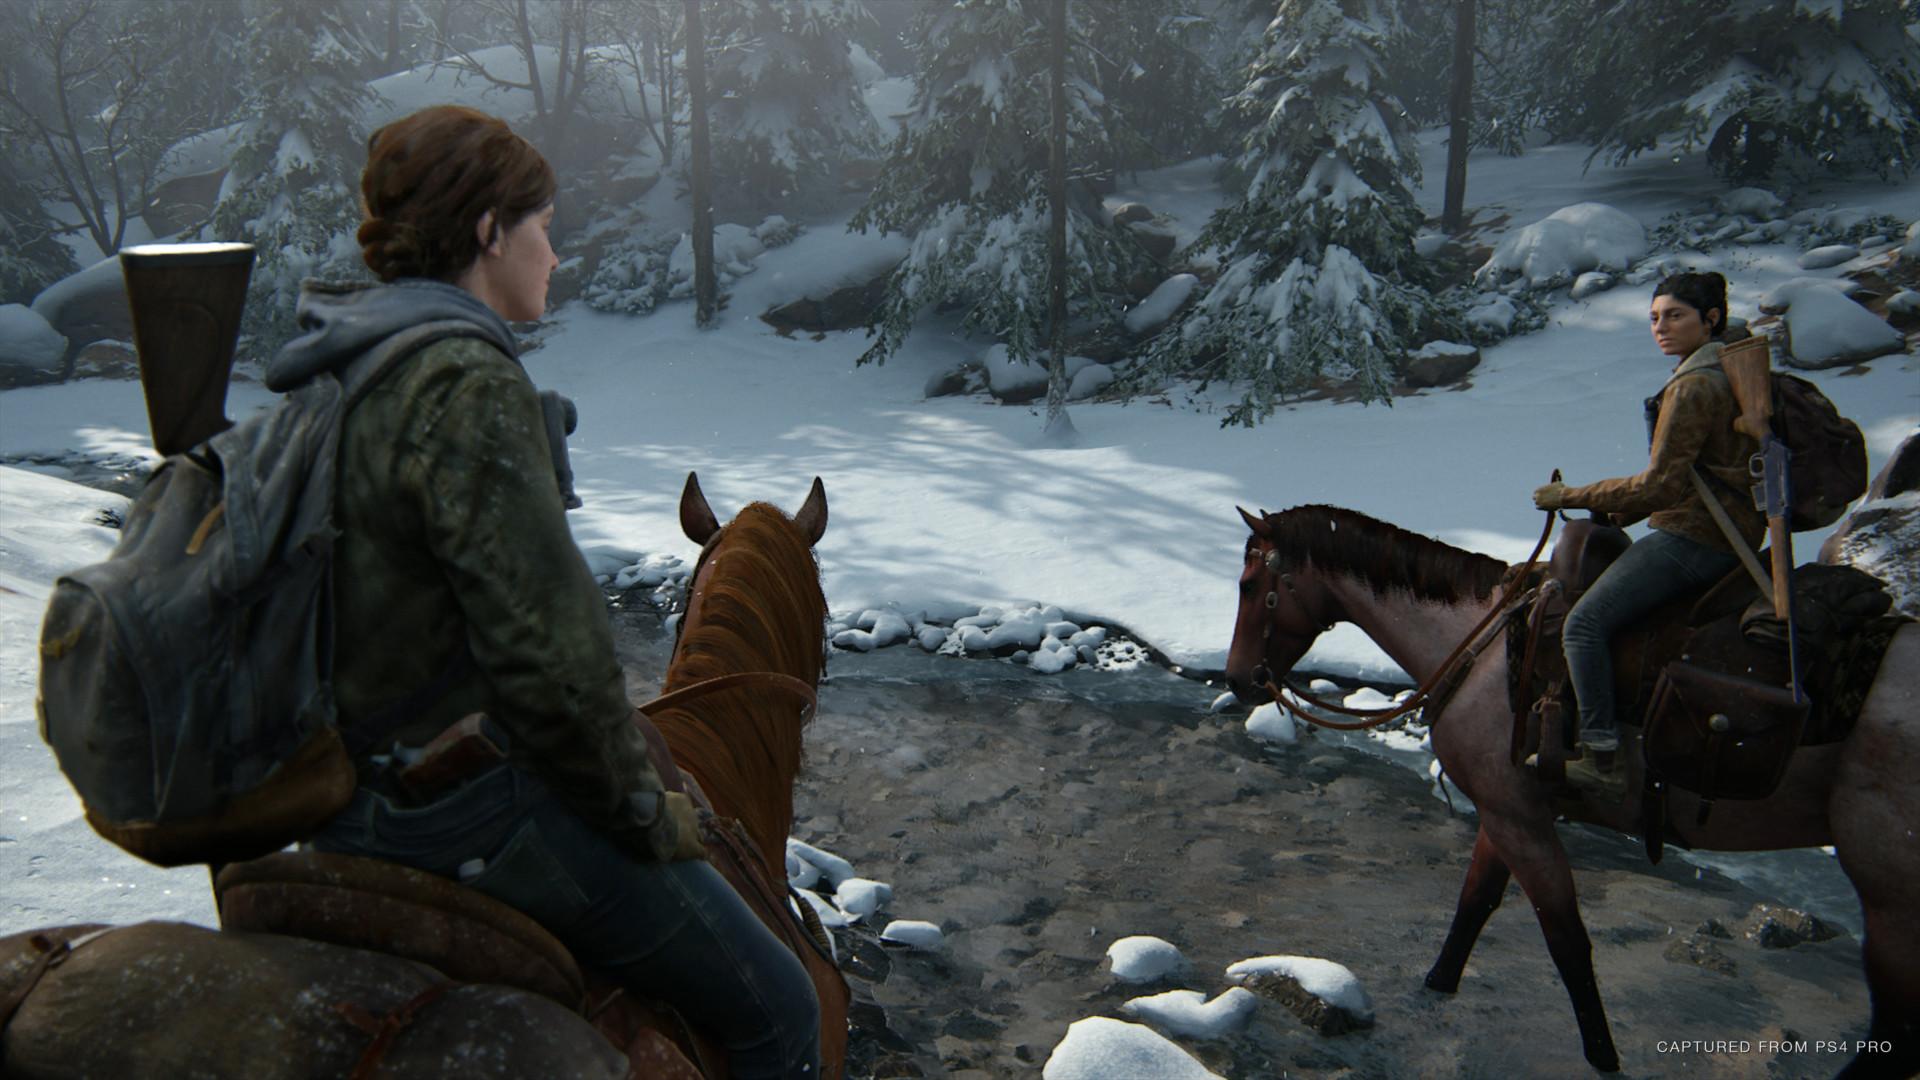 La filtración más esperada: revelan detalles del gameplay de The Last of Us II